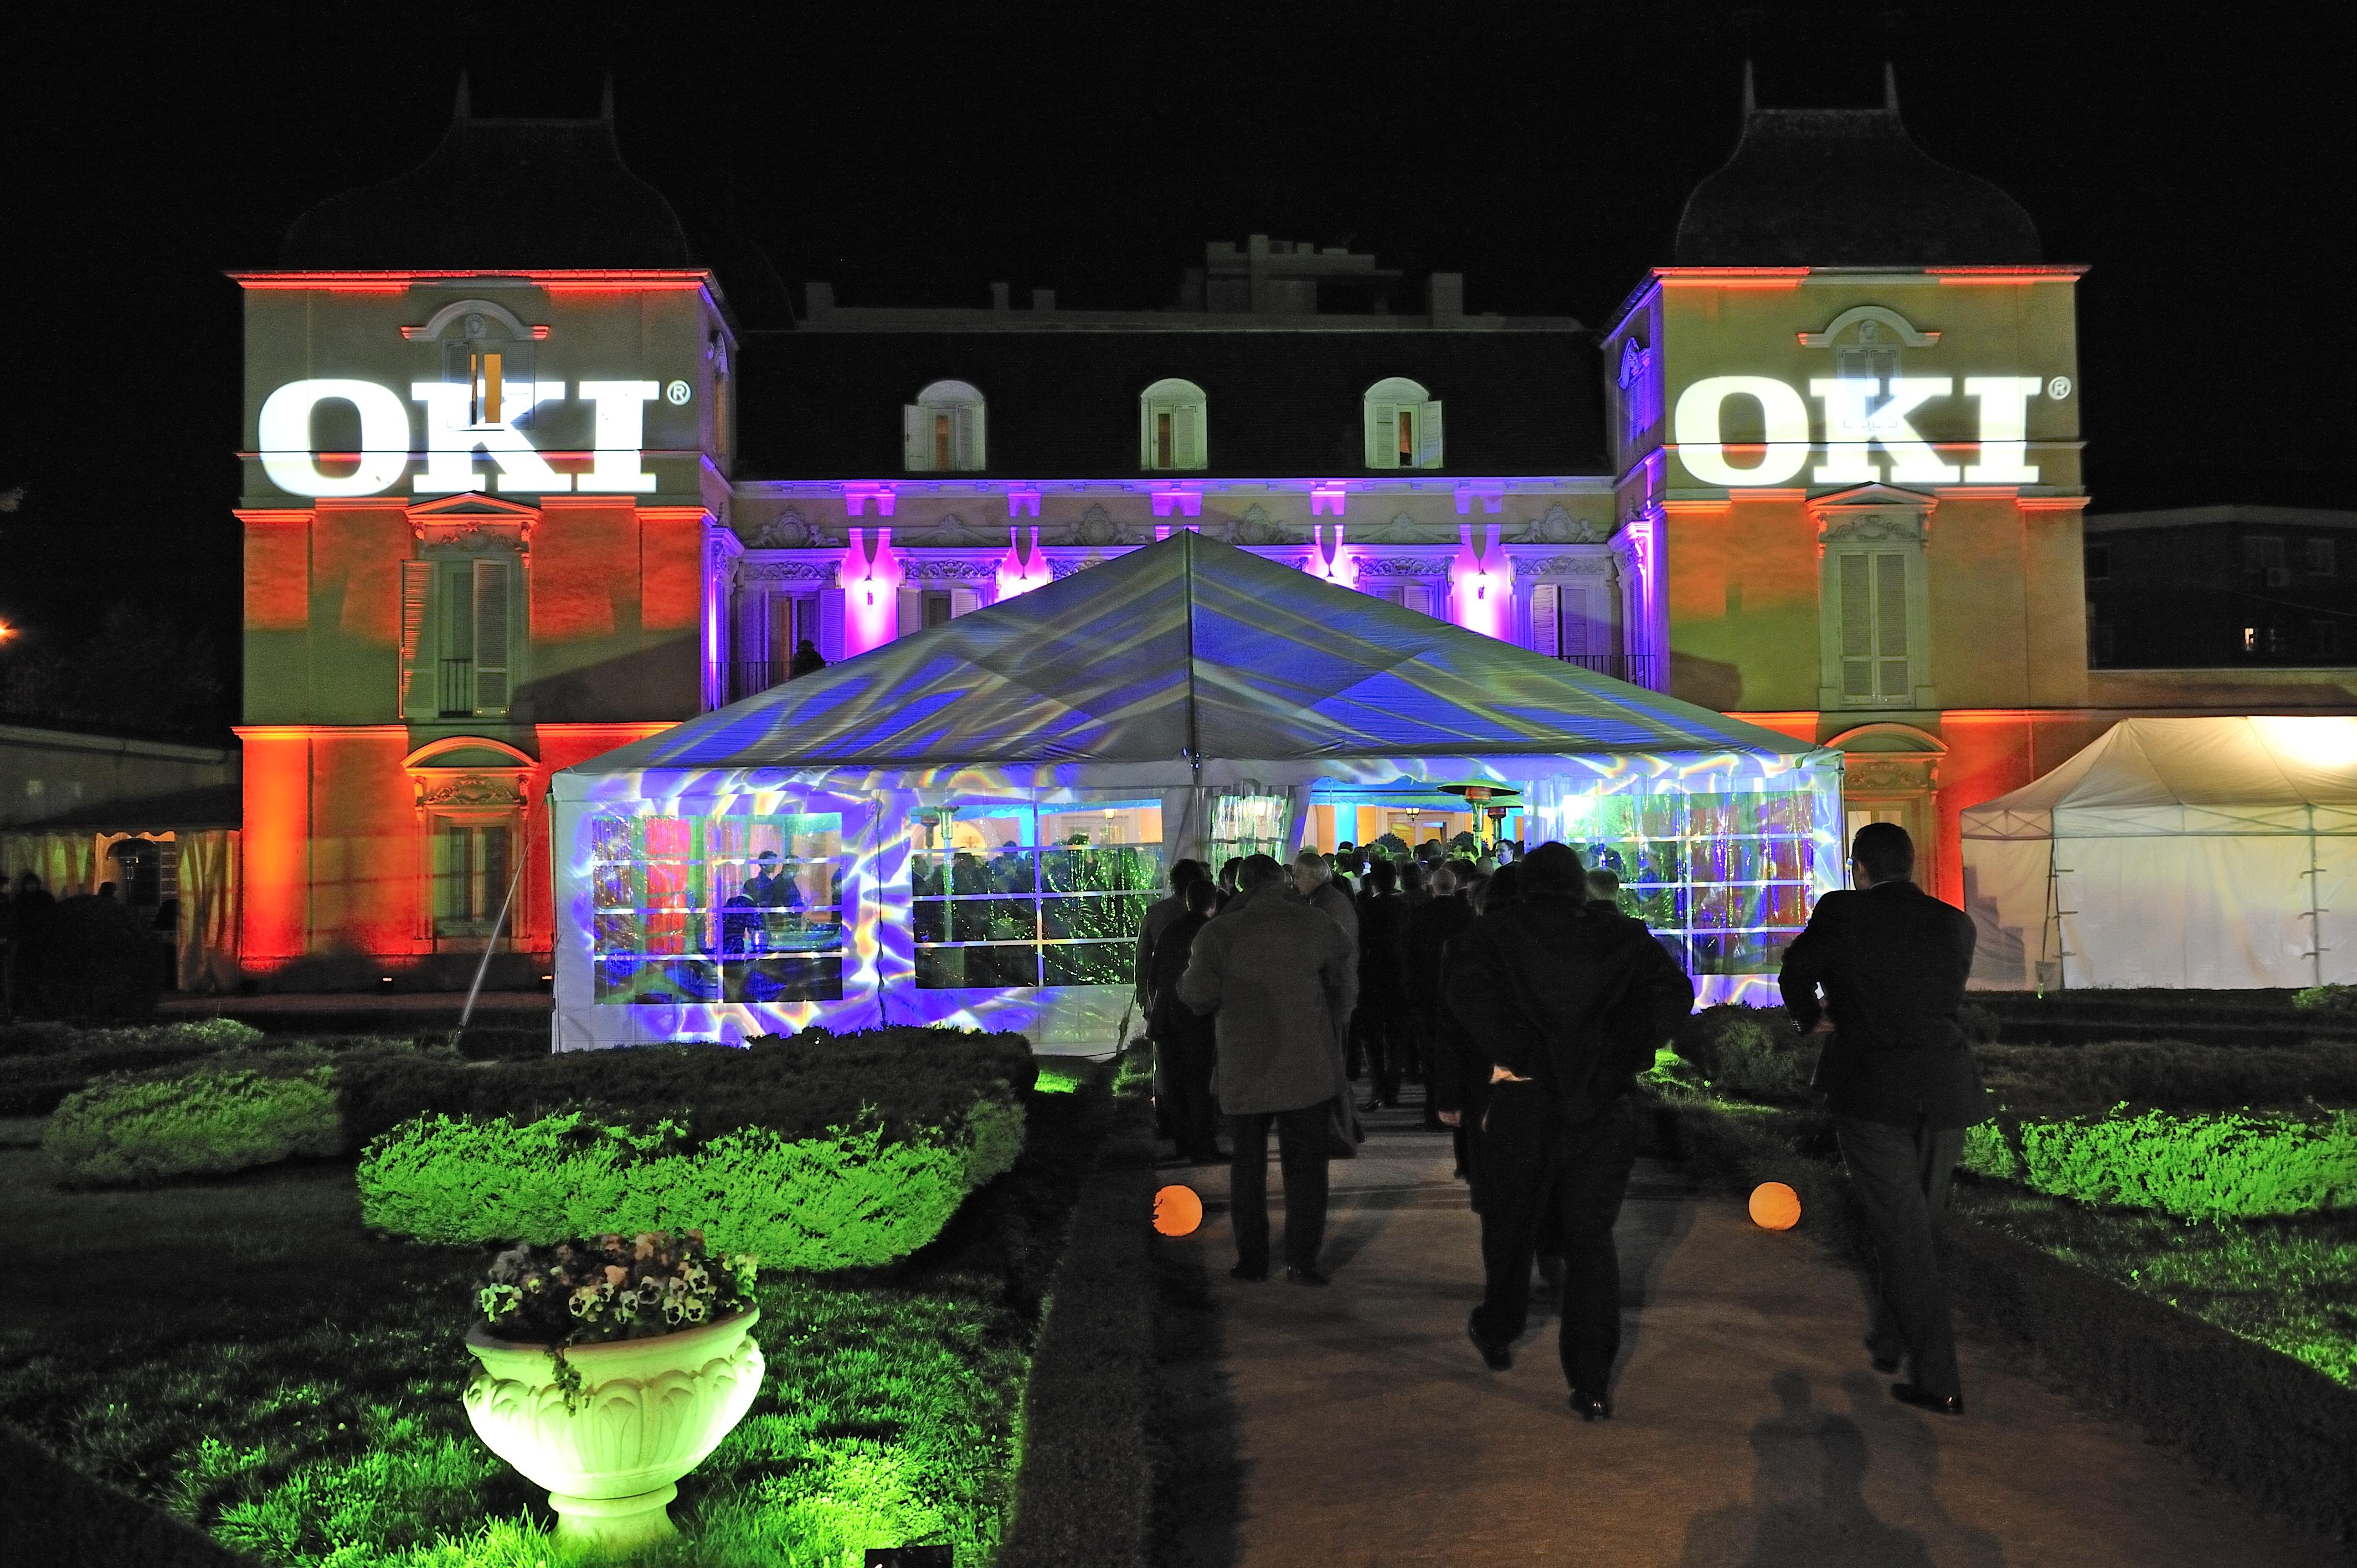 EVENTO_OKI_convención._Palacete_Duques_de_Pastrana